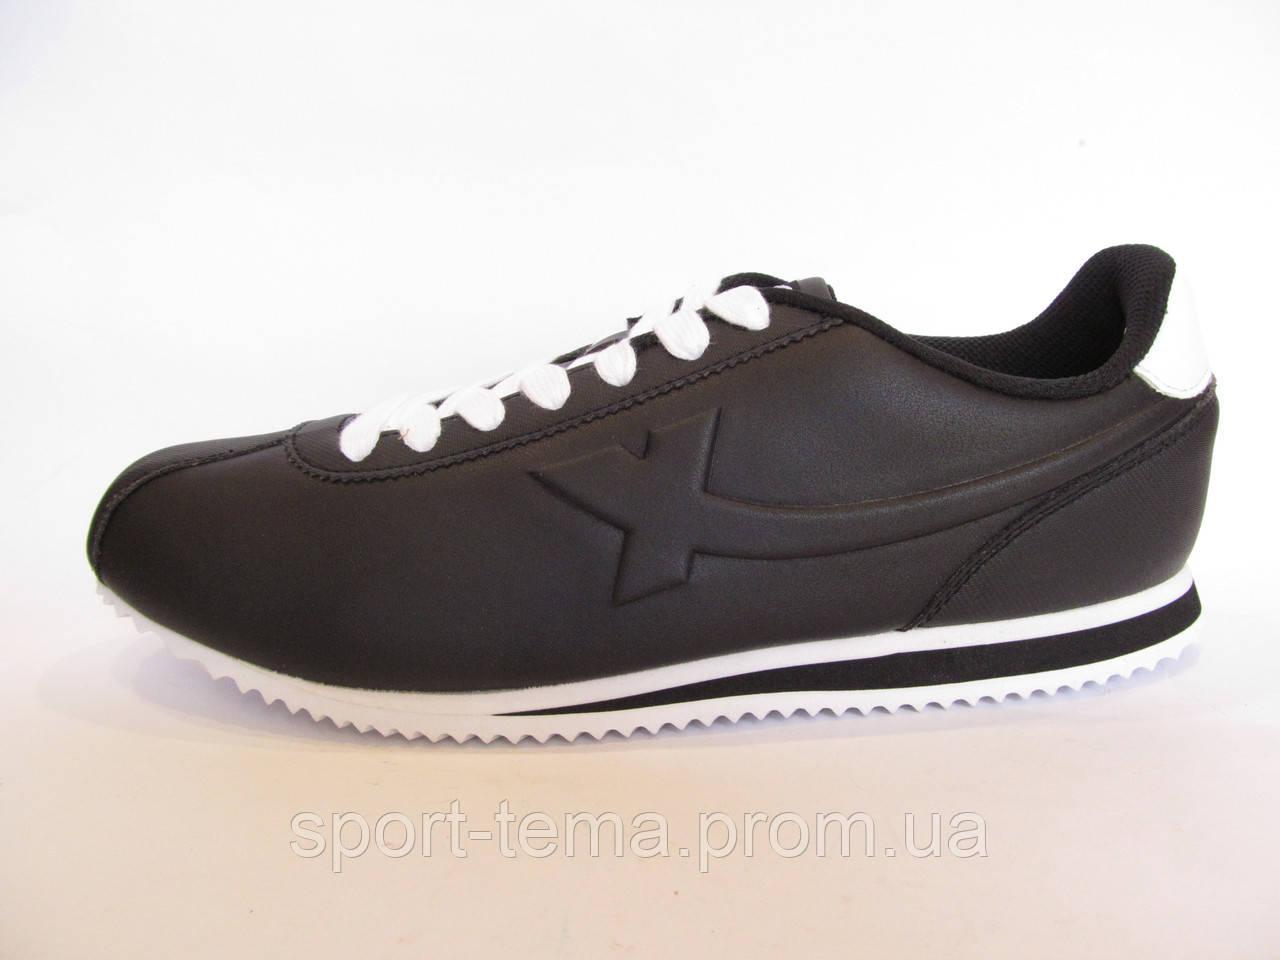 Кроссовки мужские  XSTEP  черные  кортезы (икс степ)р.41 - Спортивная обувь Sport-temа в Николаеве